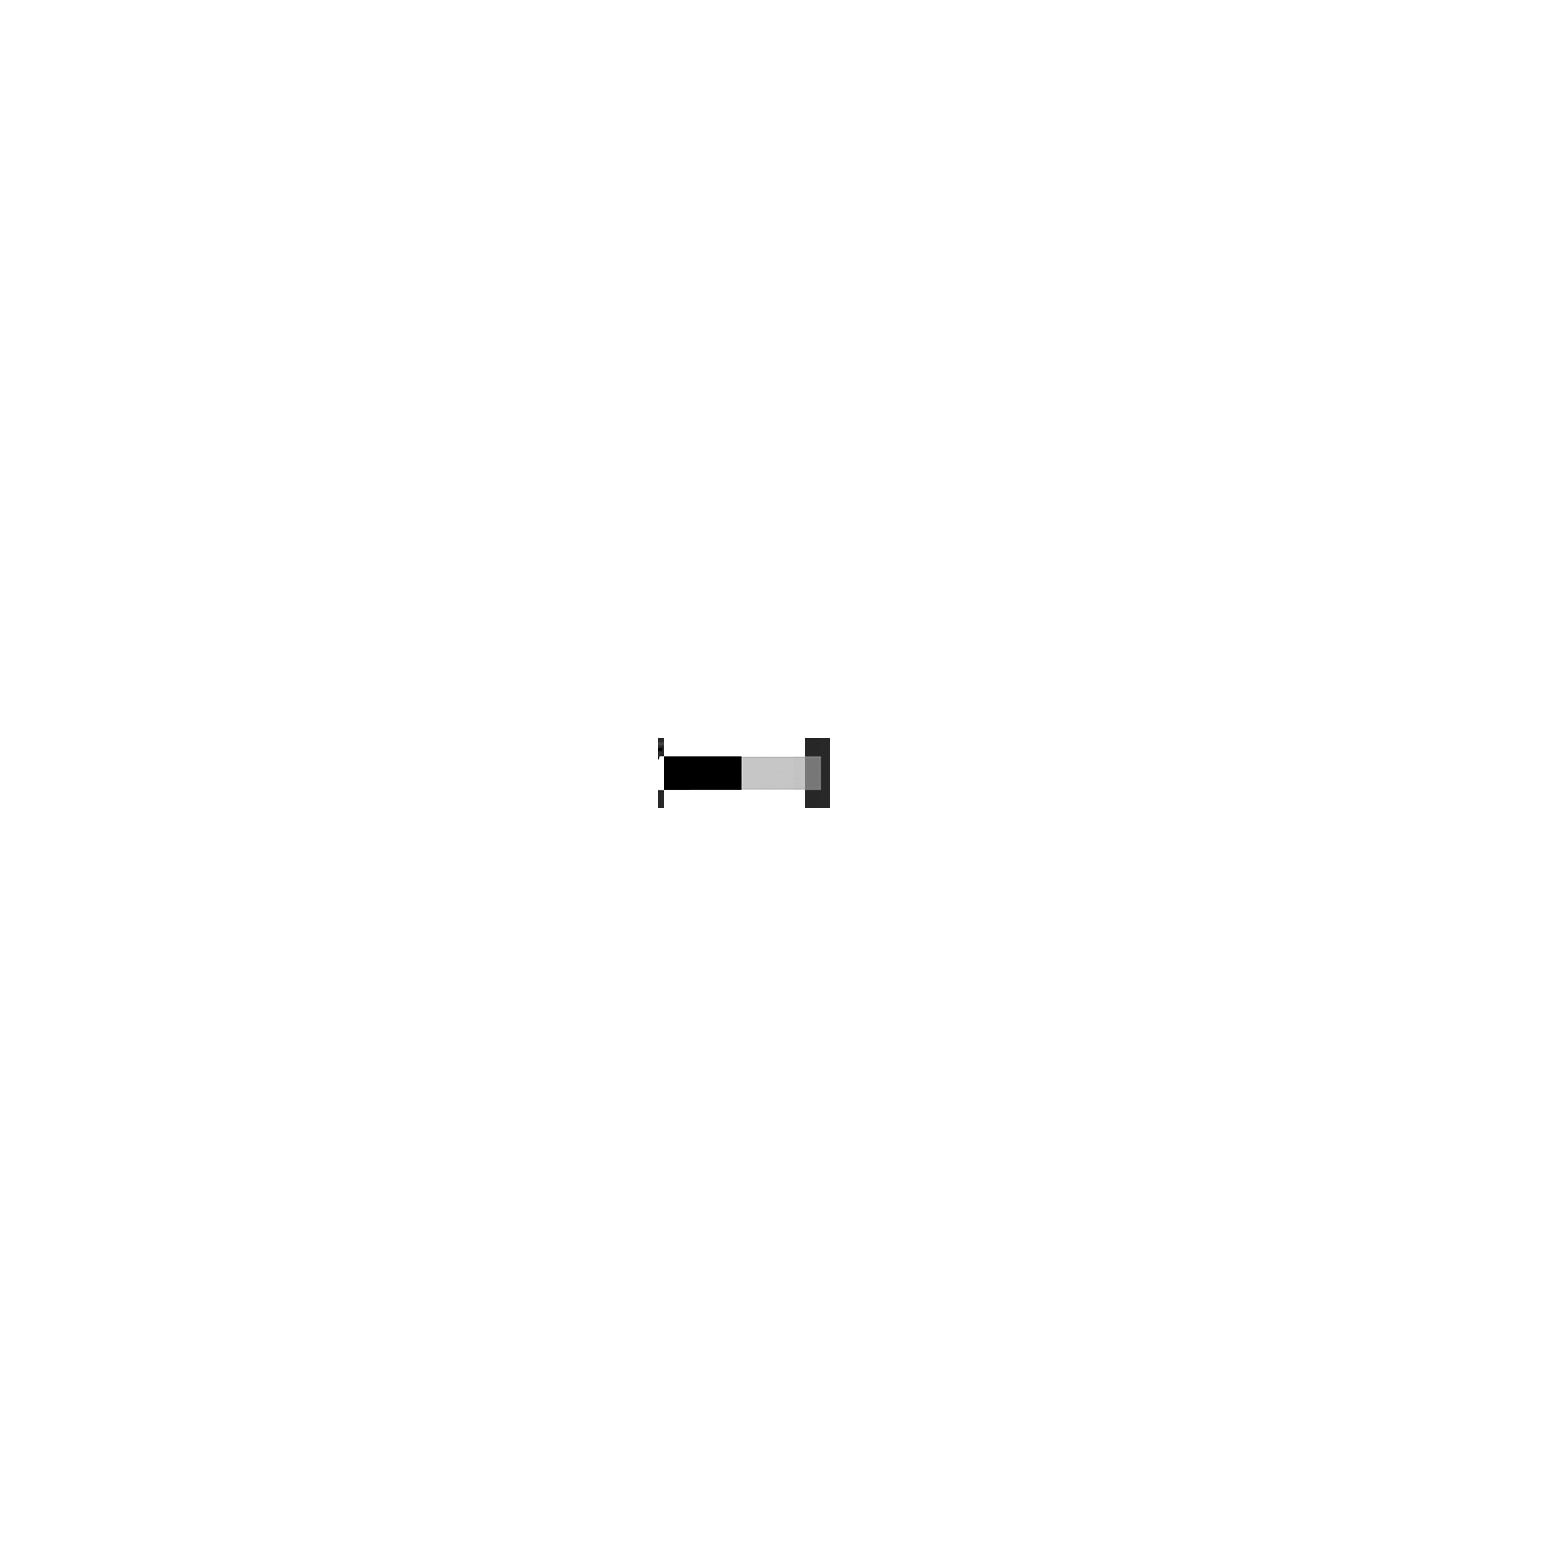 visum-tommy-logo.png